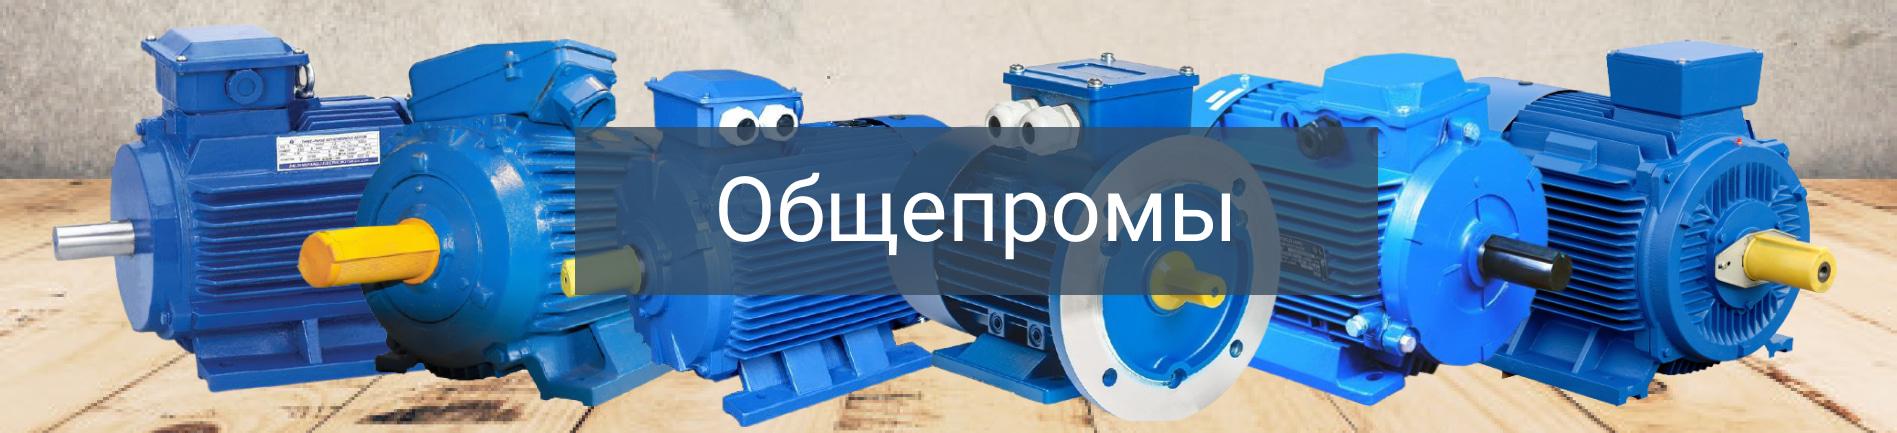 Общепромышленные электродвигатели 7,5 квт